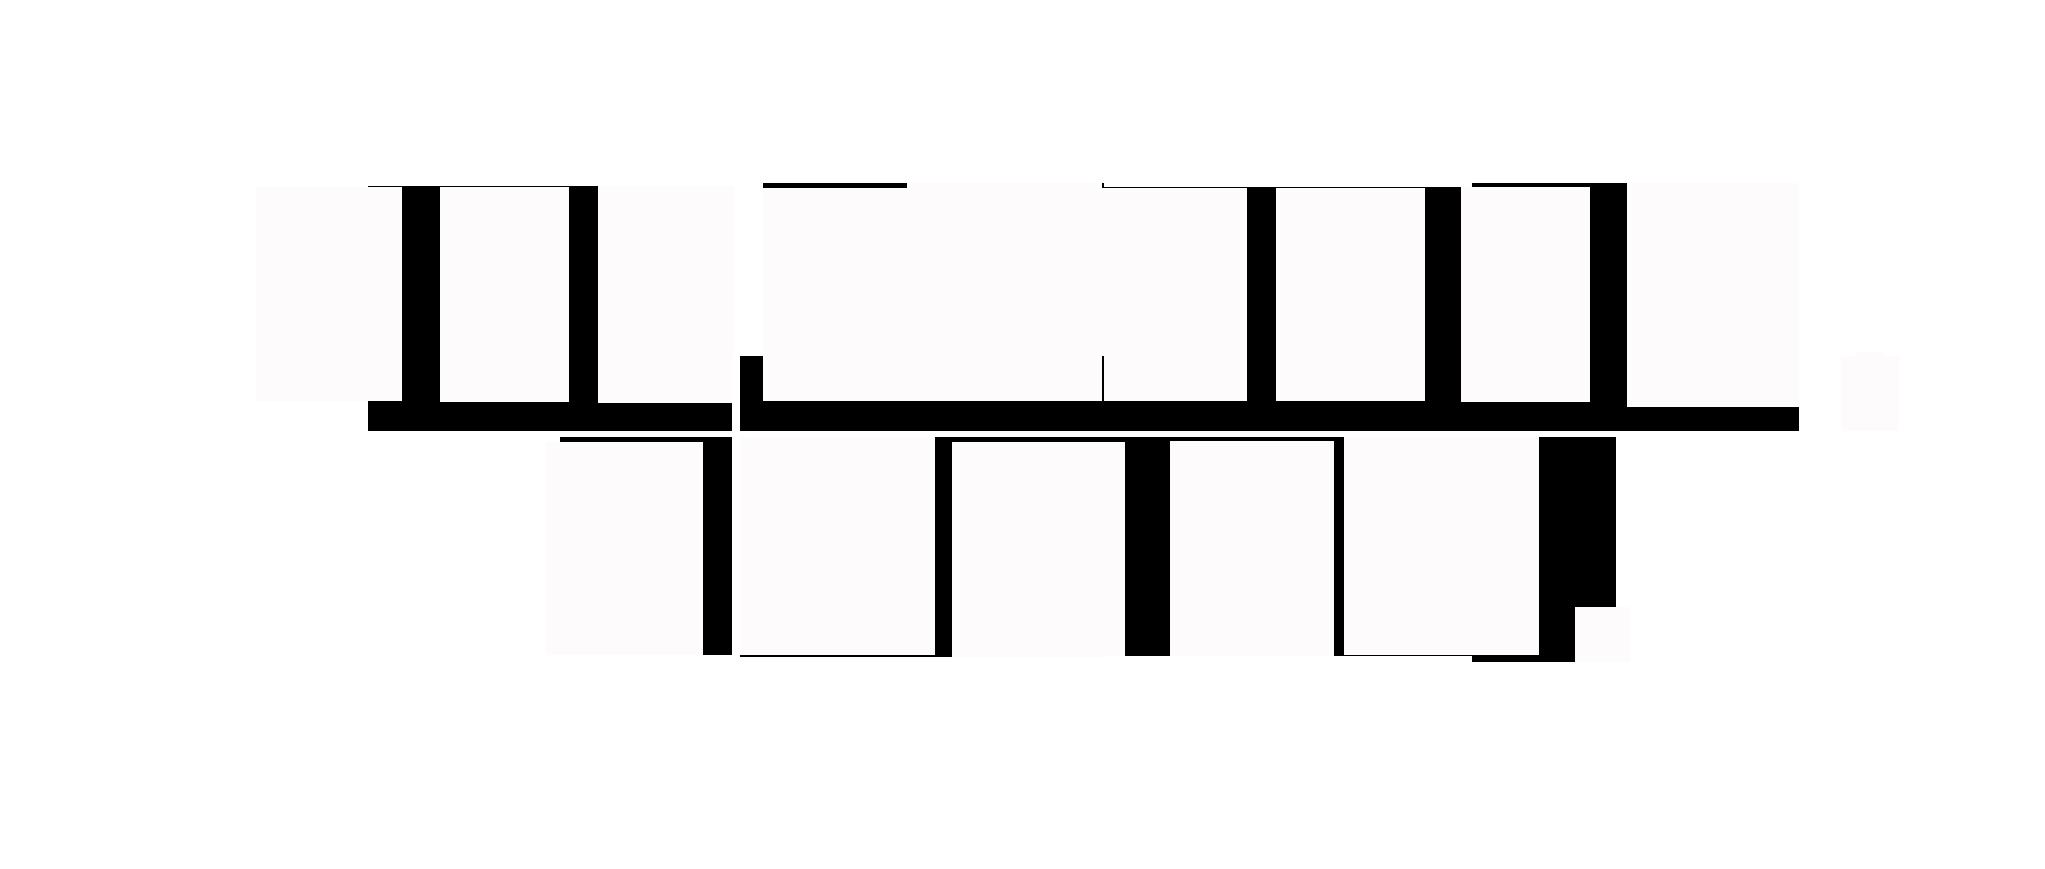 Bestatten, Hauda.